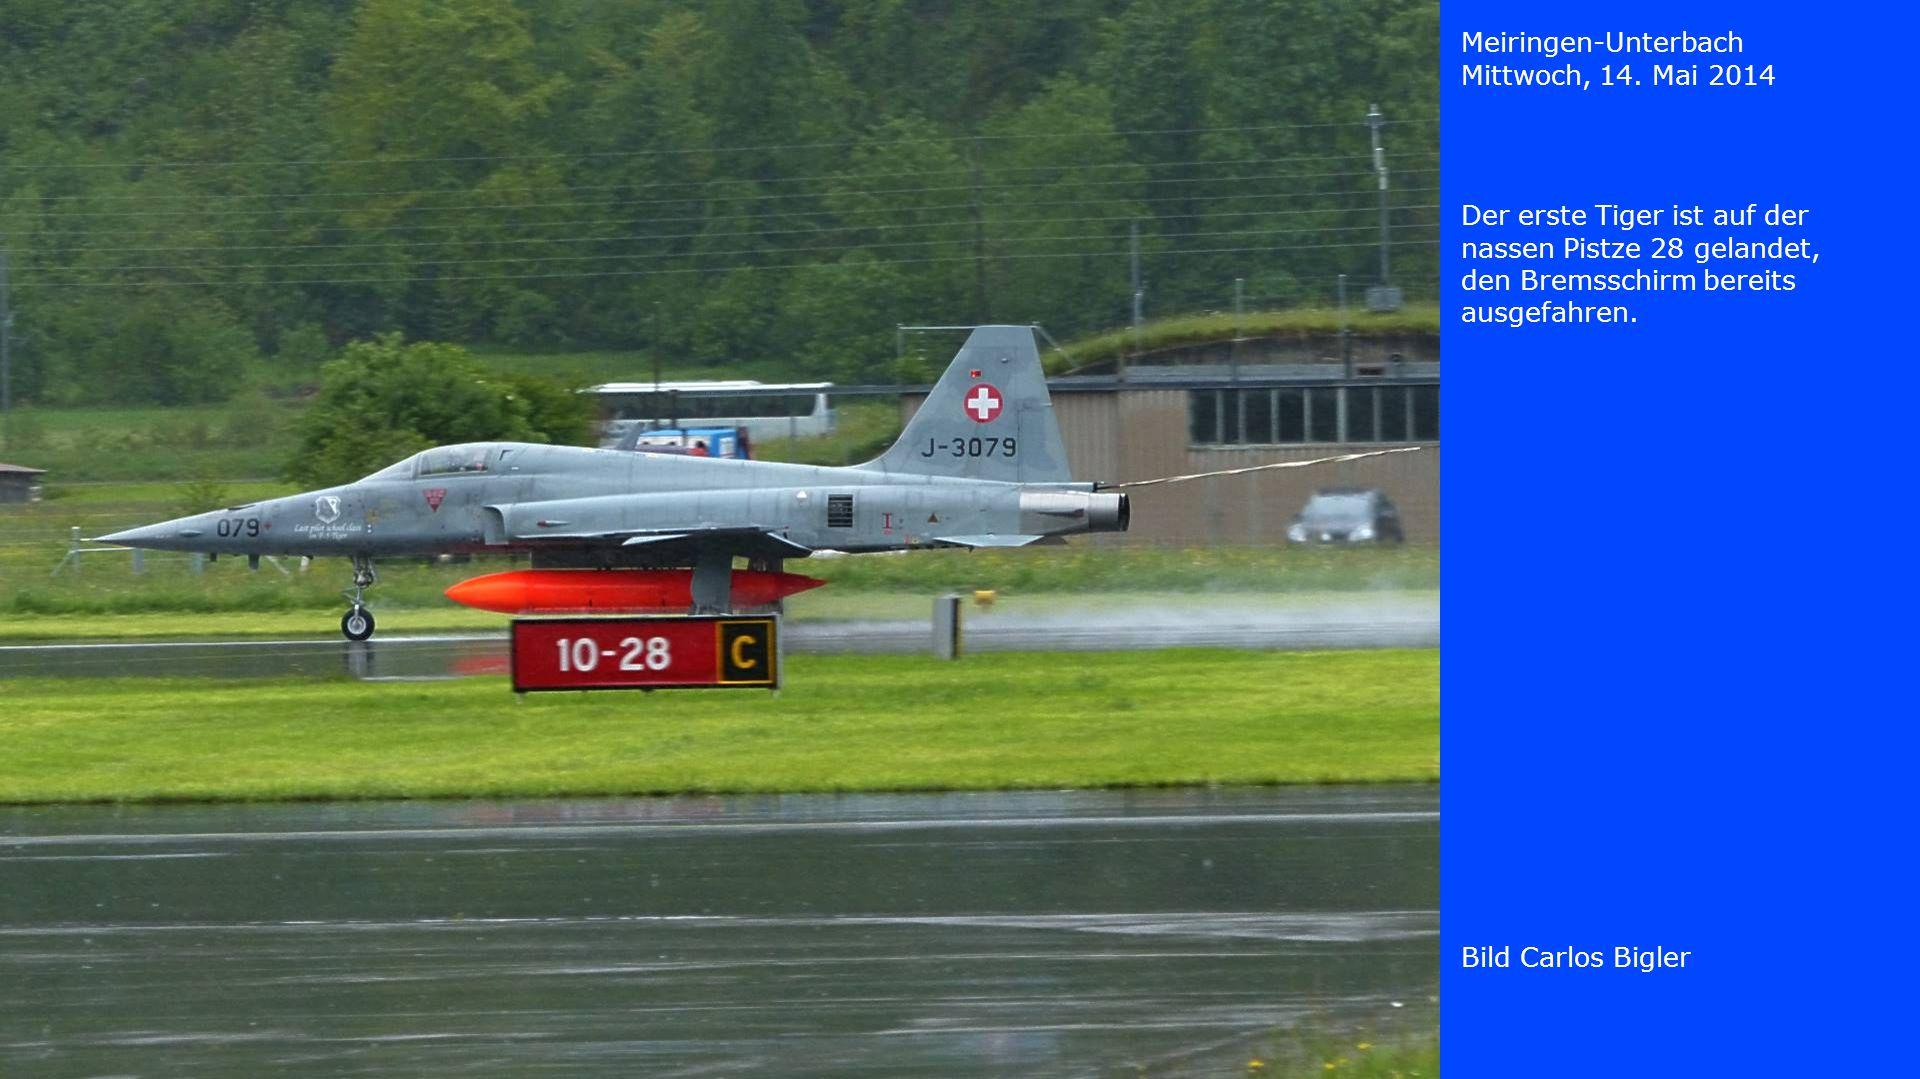 Meiringen-Unterbach Mittwoch, 14. Mai 2014 Bild Carlos Bigler Die zweite Maschine hat aufgesetzt.